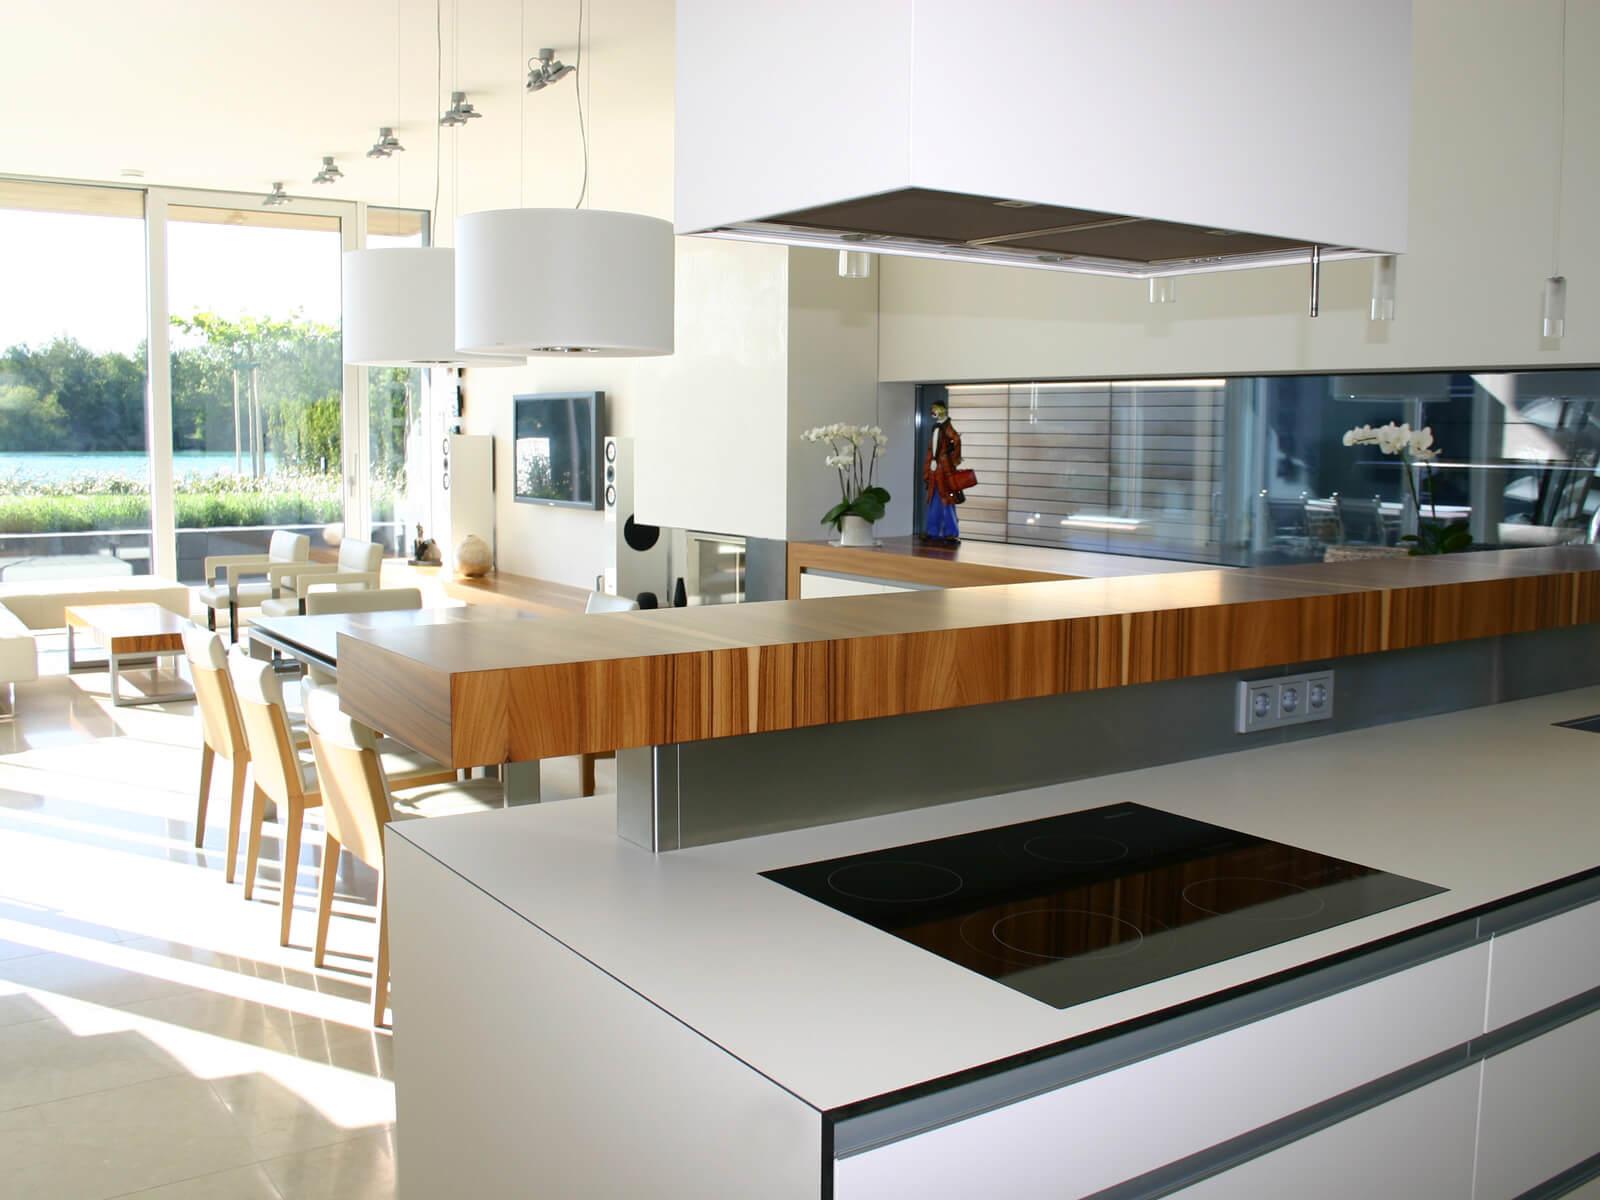 tischlerei ecker einfamilienhaus dr b b tischlerei. Black Bedroom Furniture Sets. Home Design Ideas